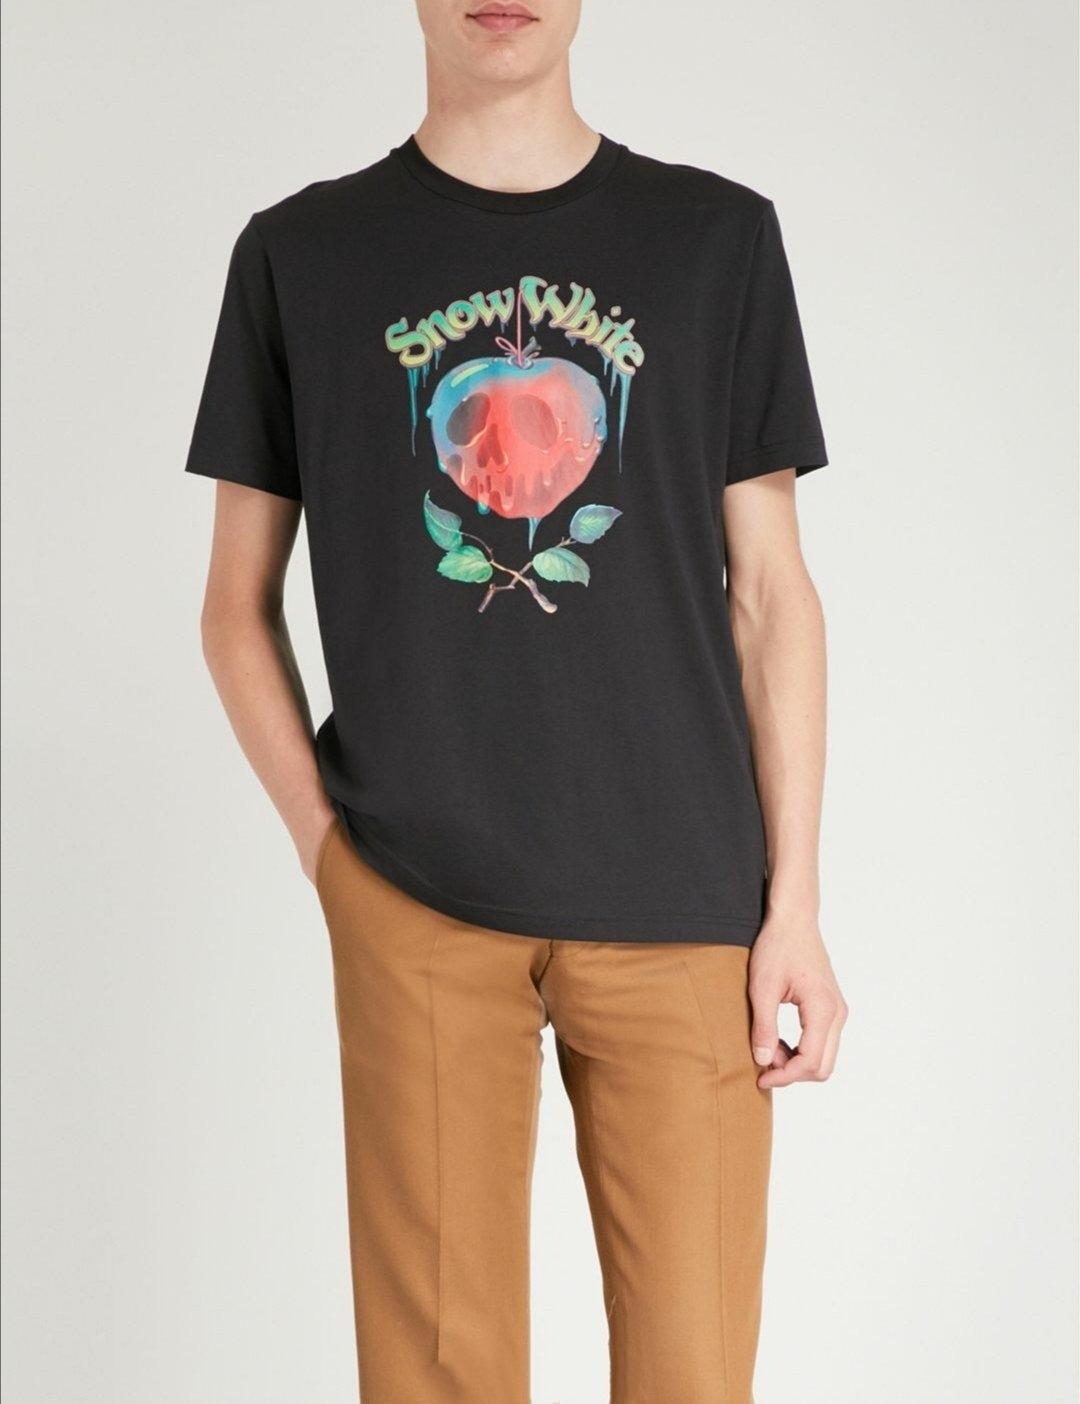 范思哲后,蔻驰现同款辱华T恤,美国两大时尚品牌竟范同款错误?